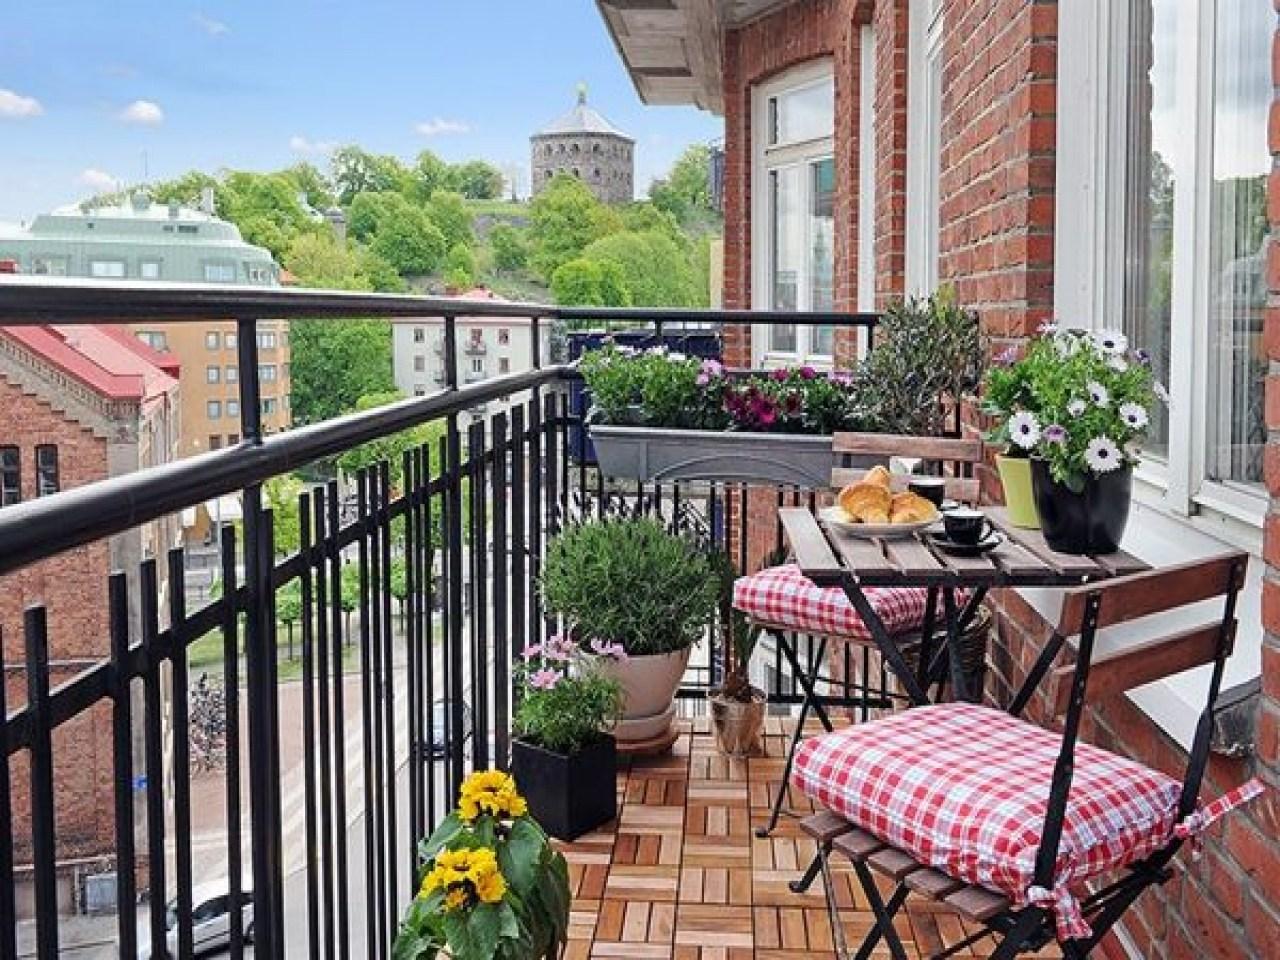 5 Desain Pagar Balkon Minimalis Modern Ini Keren Banget Bangizaltoy Com Model pagar teras atas